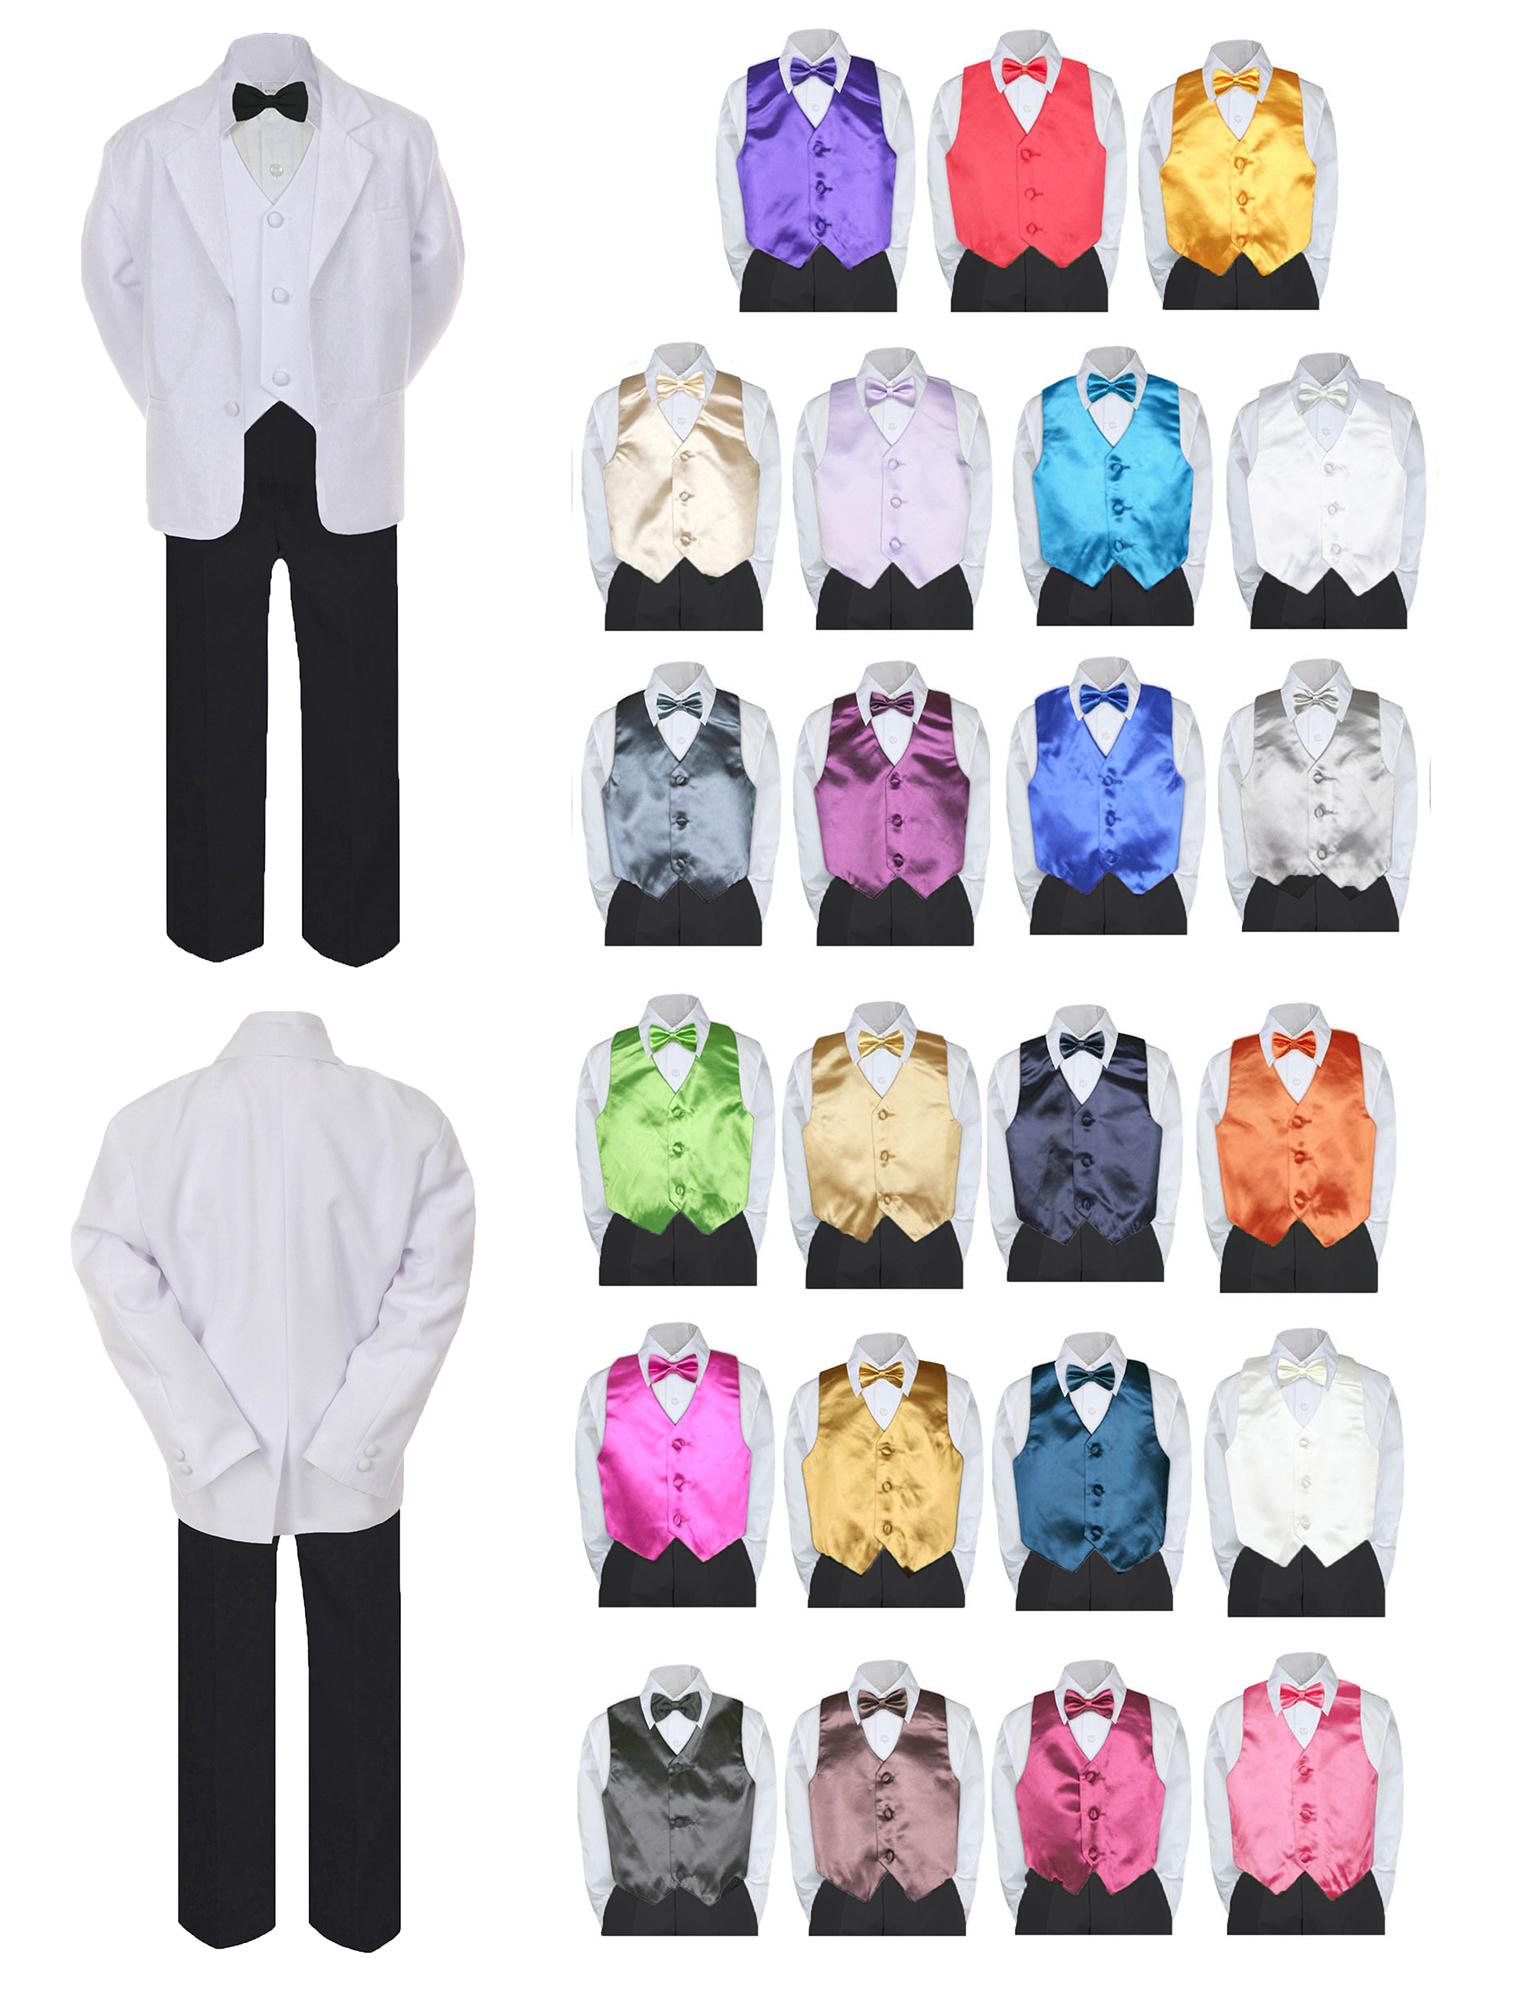 7pc Boy Formal Black & White Suit Tux Set Satin Bow Tie & Vest Baby Sm-20 Teen